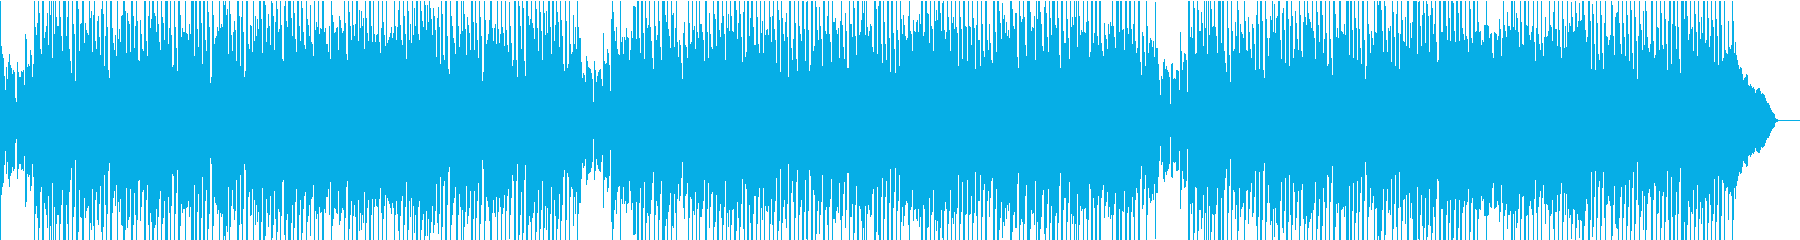 ロカビリー+カントリー!生演奏ギターの再生済みの波形